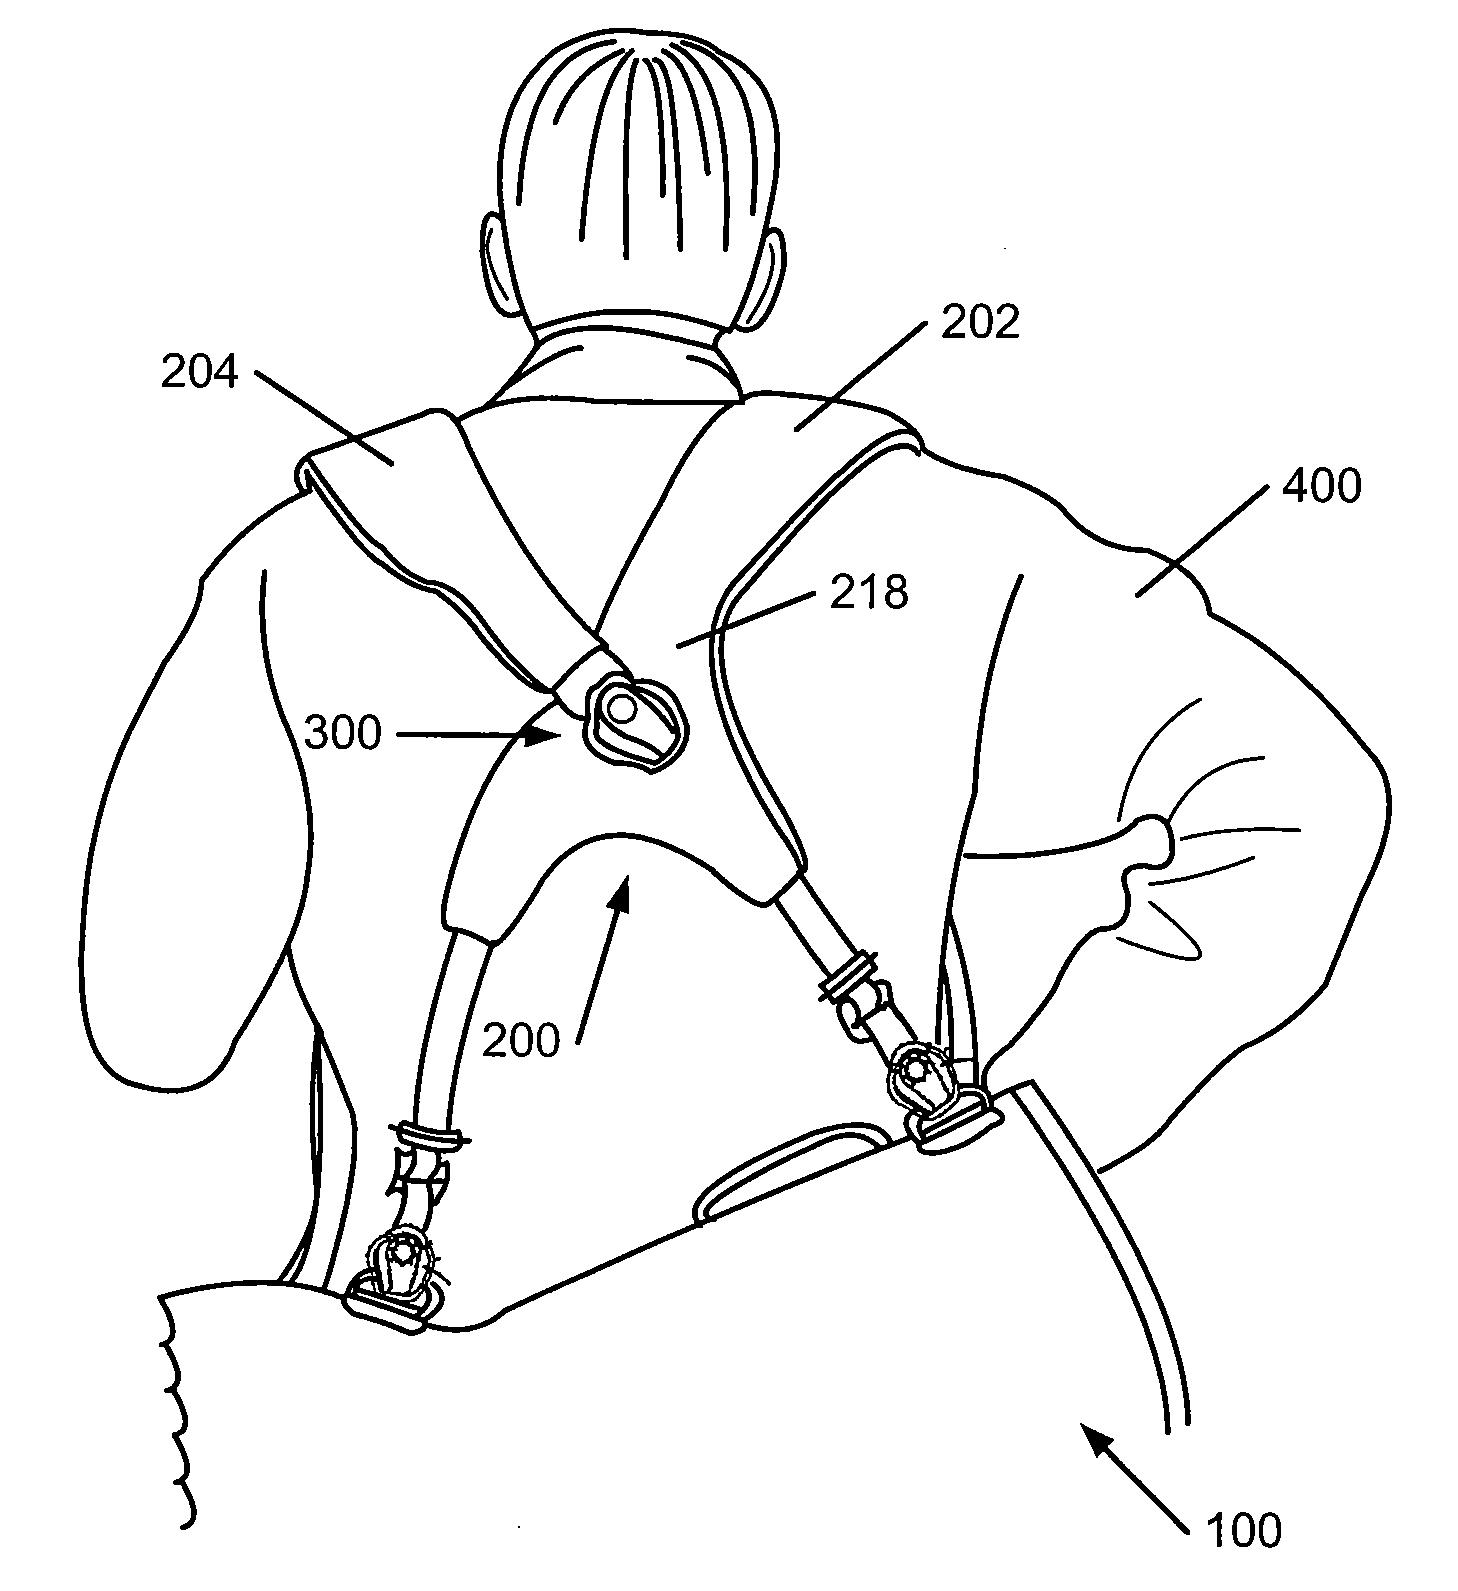 Shoulder Harness For Golf Bag 101